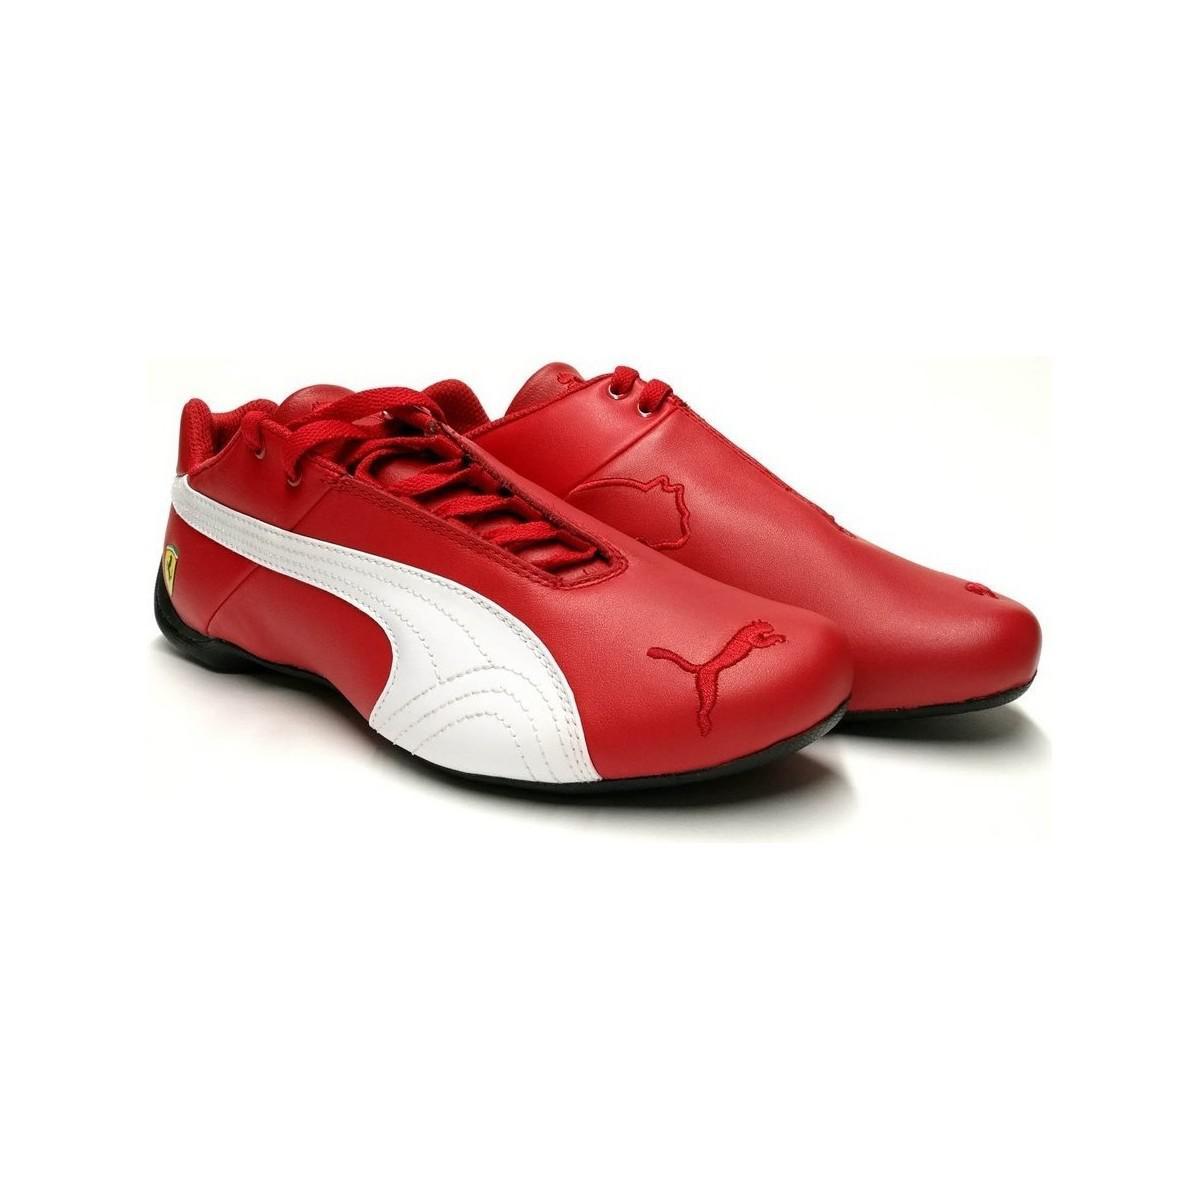 Puma Sepatu Sneaker Ferrari Sf Evo Cat Sock Lace 30613802 Hitam ... 43270f0c72